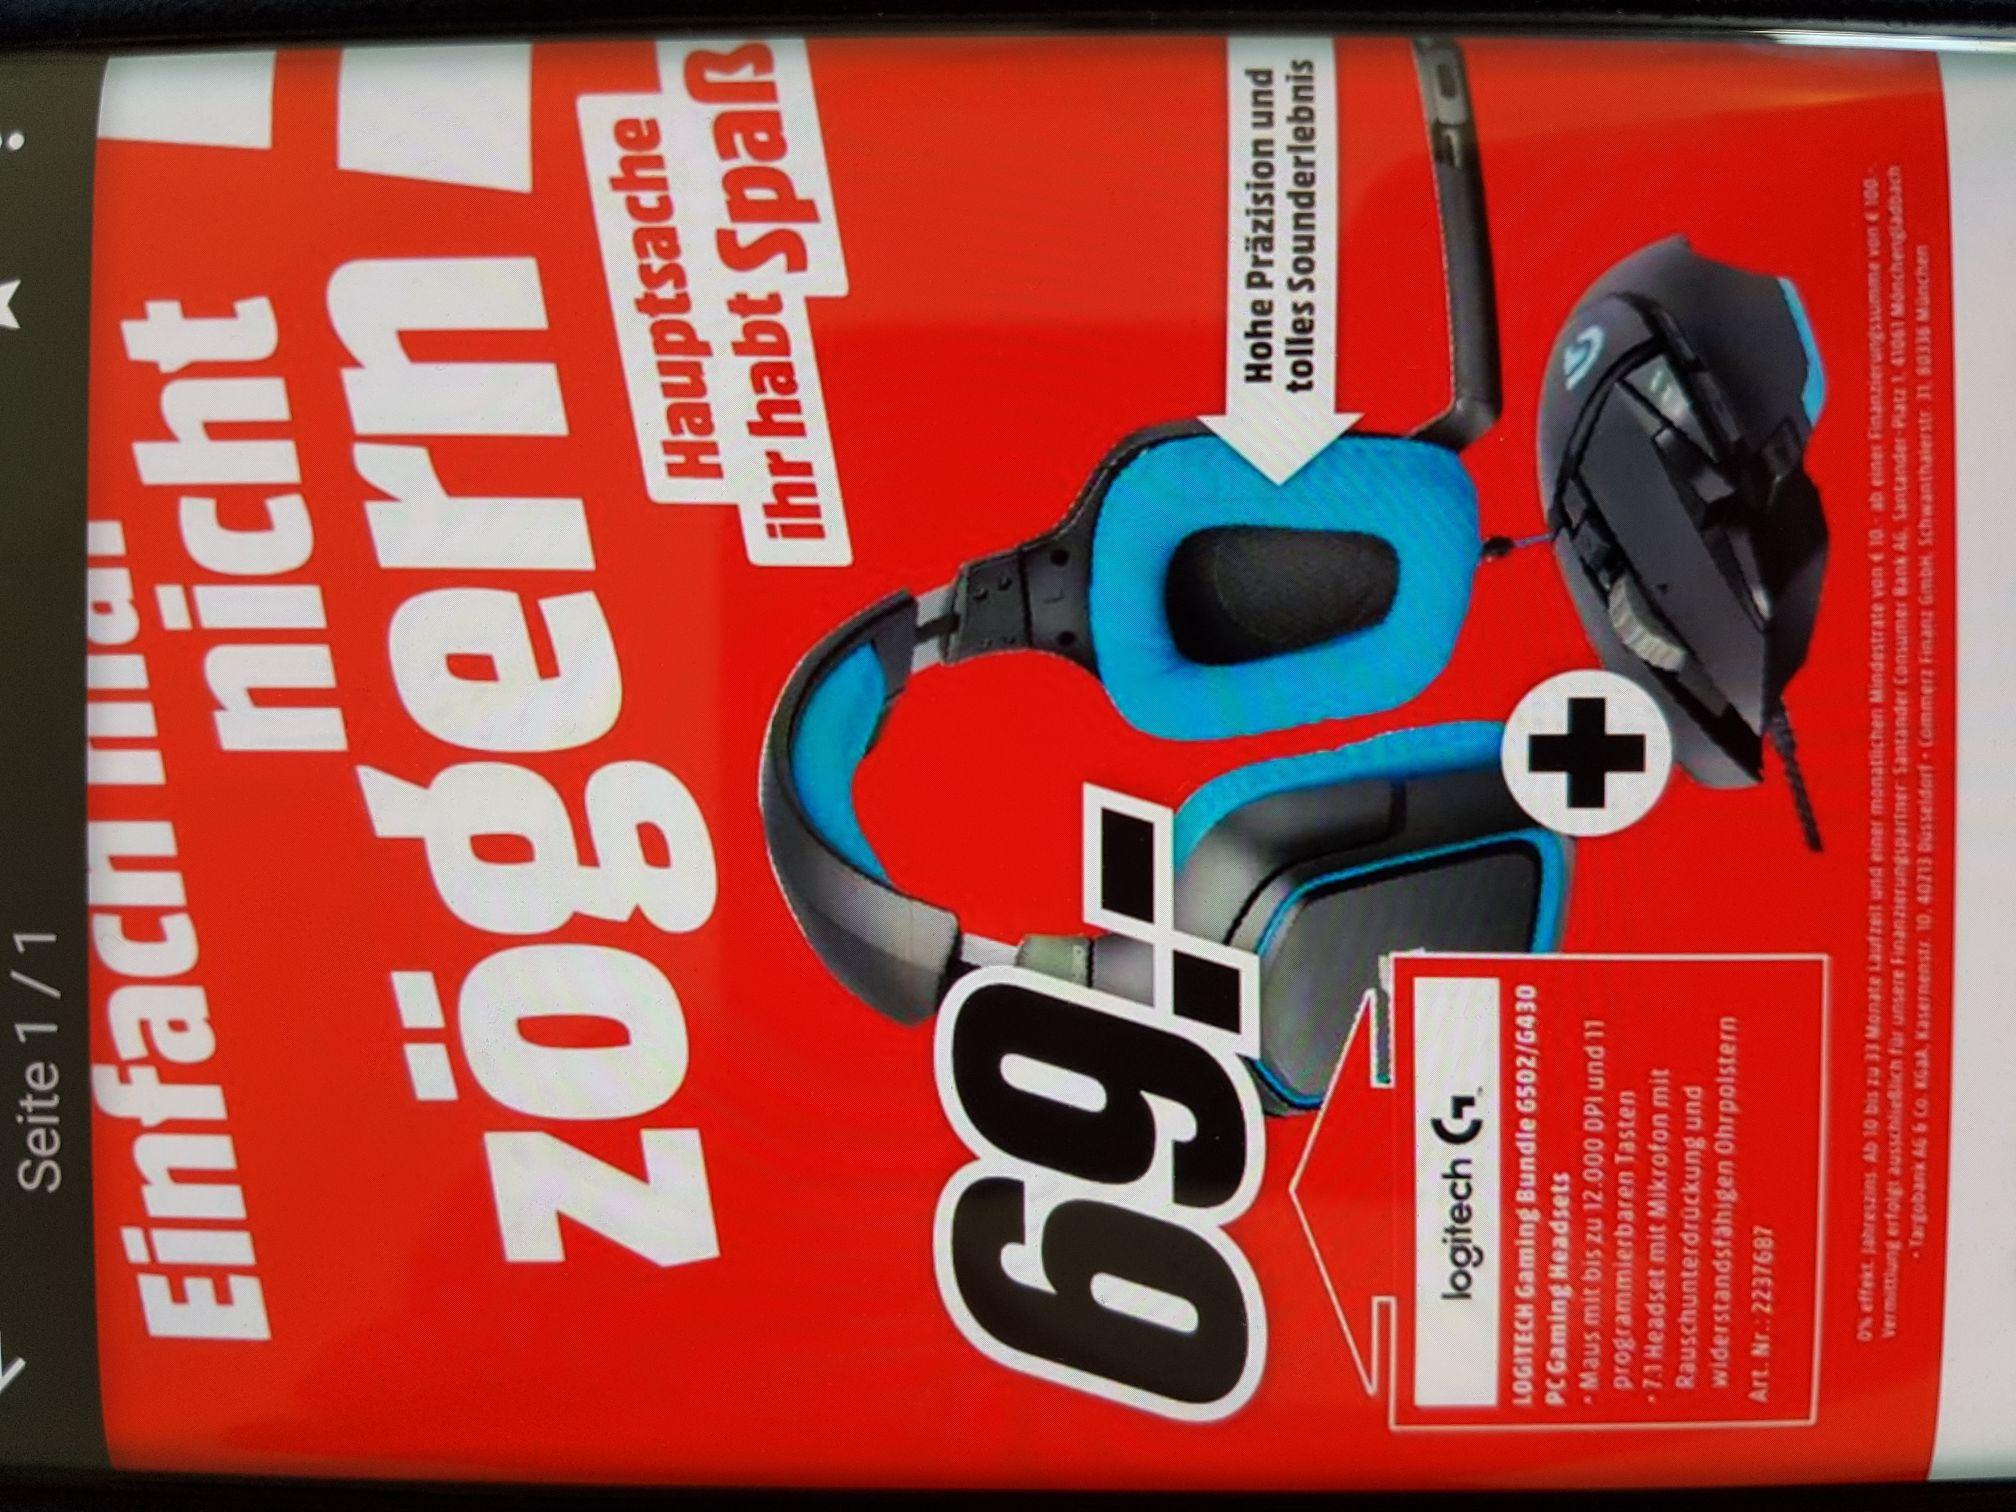 Logitech Gaming  bundle aktion G502/G430 lokal media markt Wuppertal